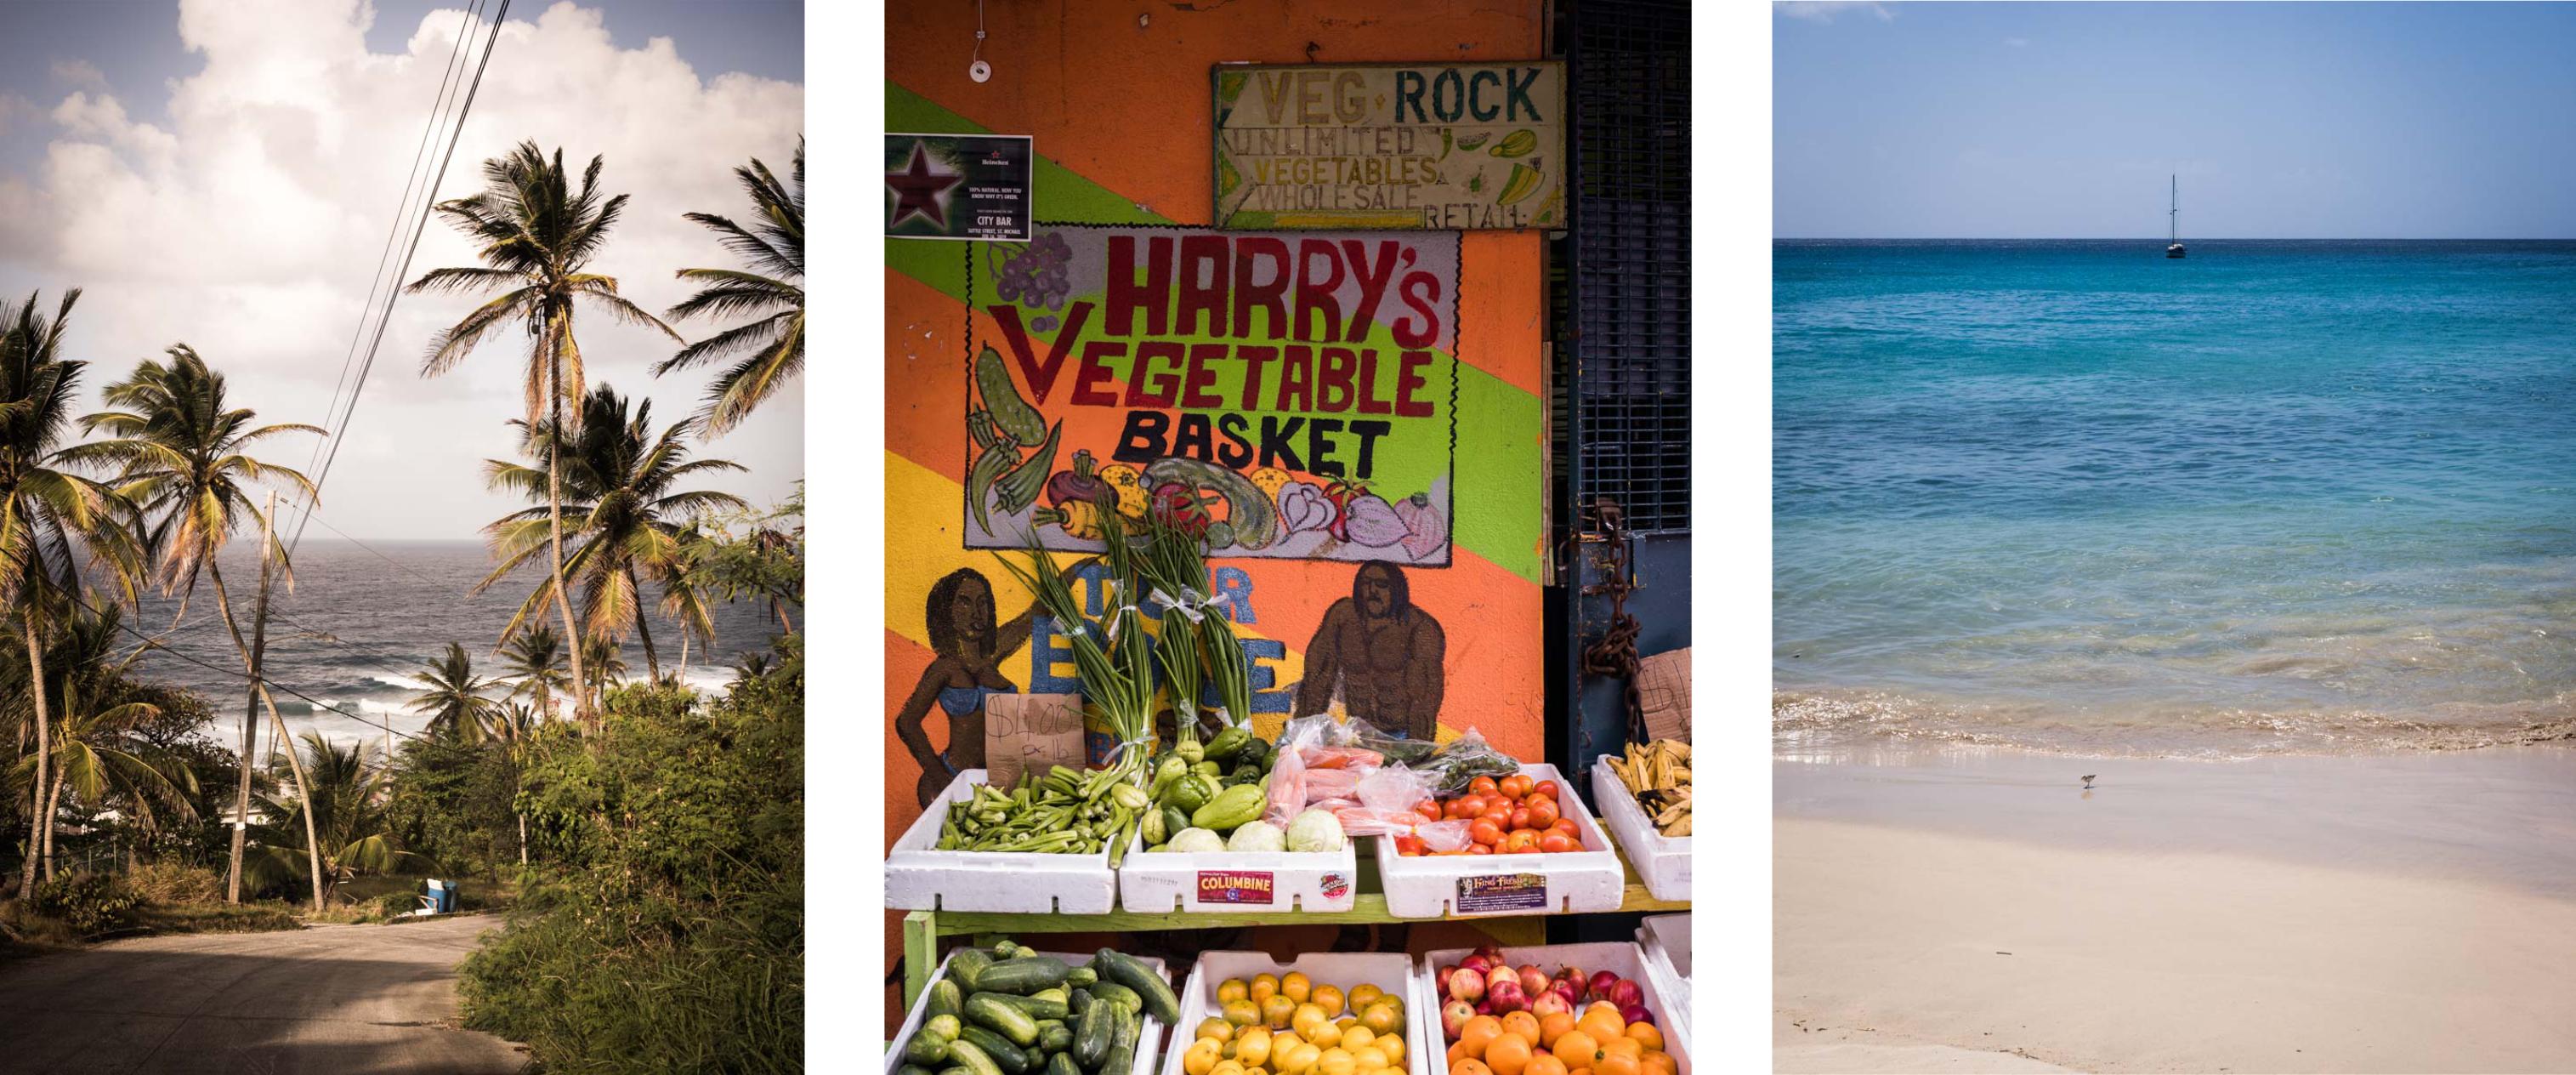 découvrir la barbade - antilles, jardin tropical - plages paradisiaques - bridgetown